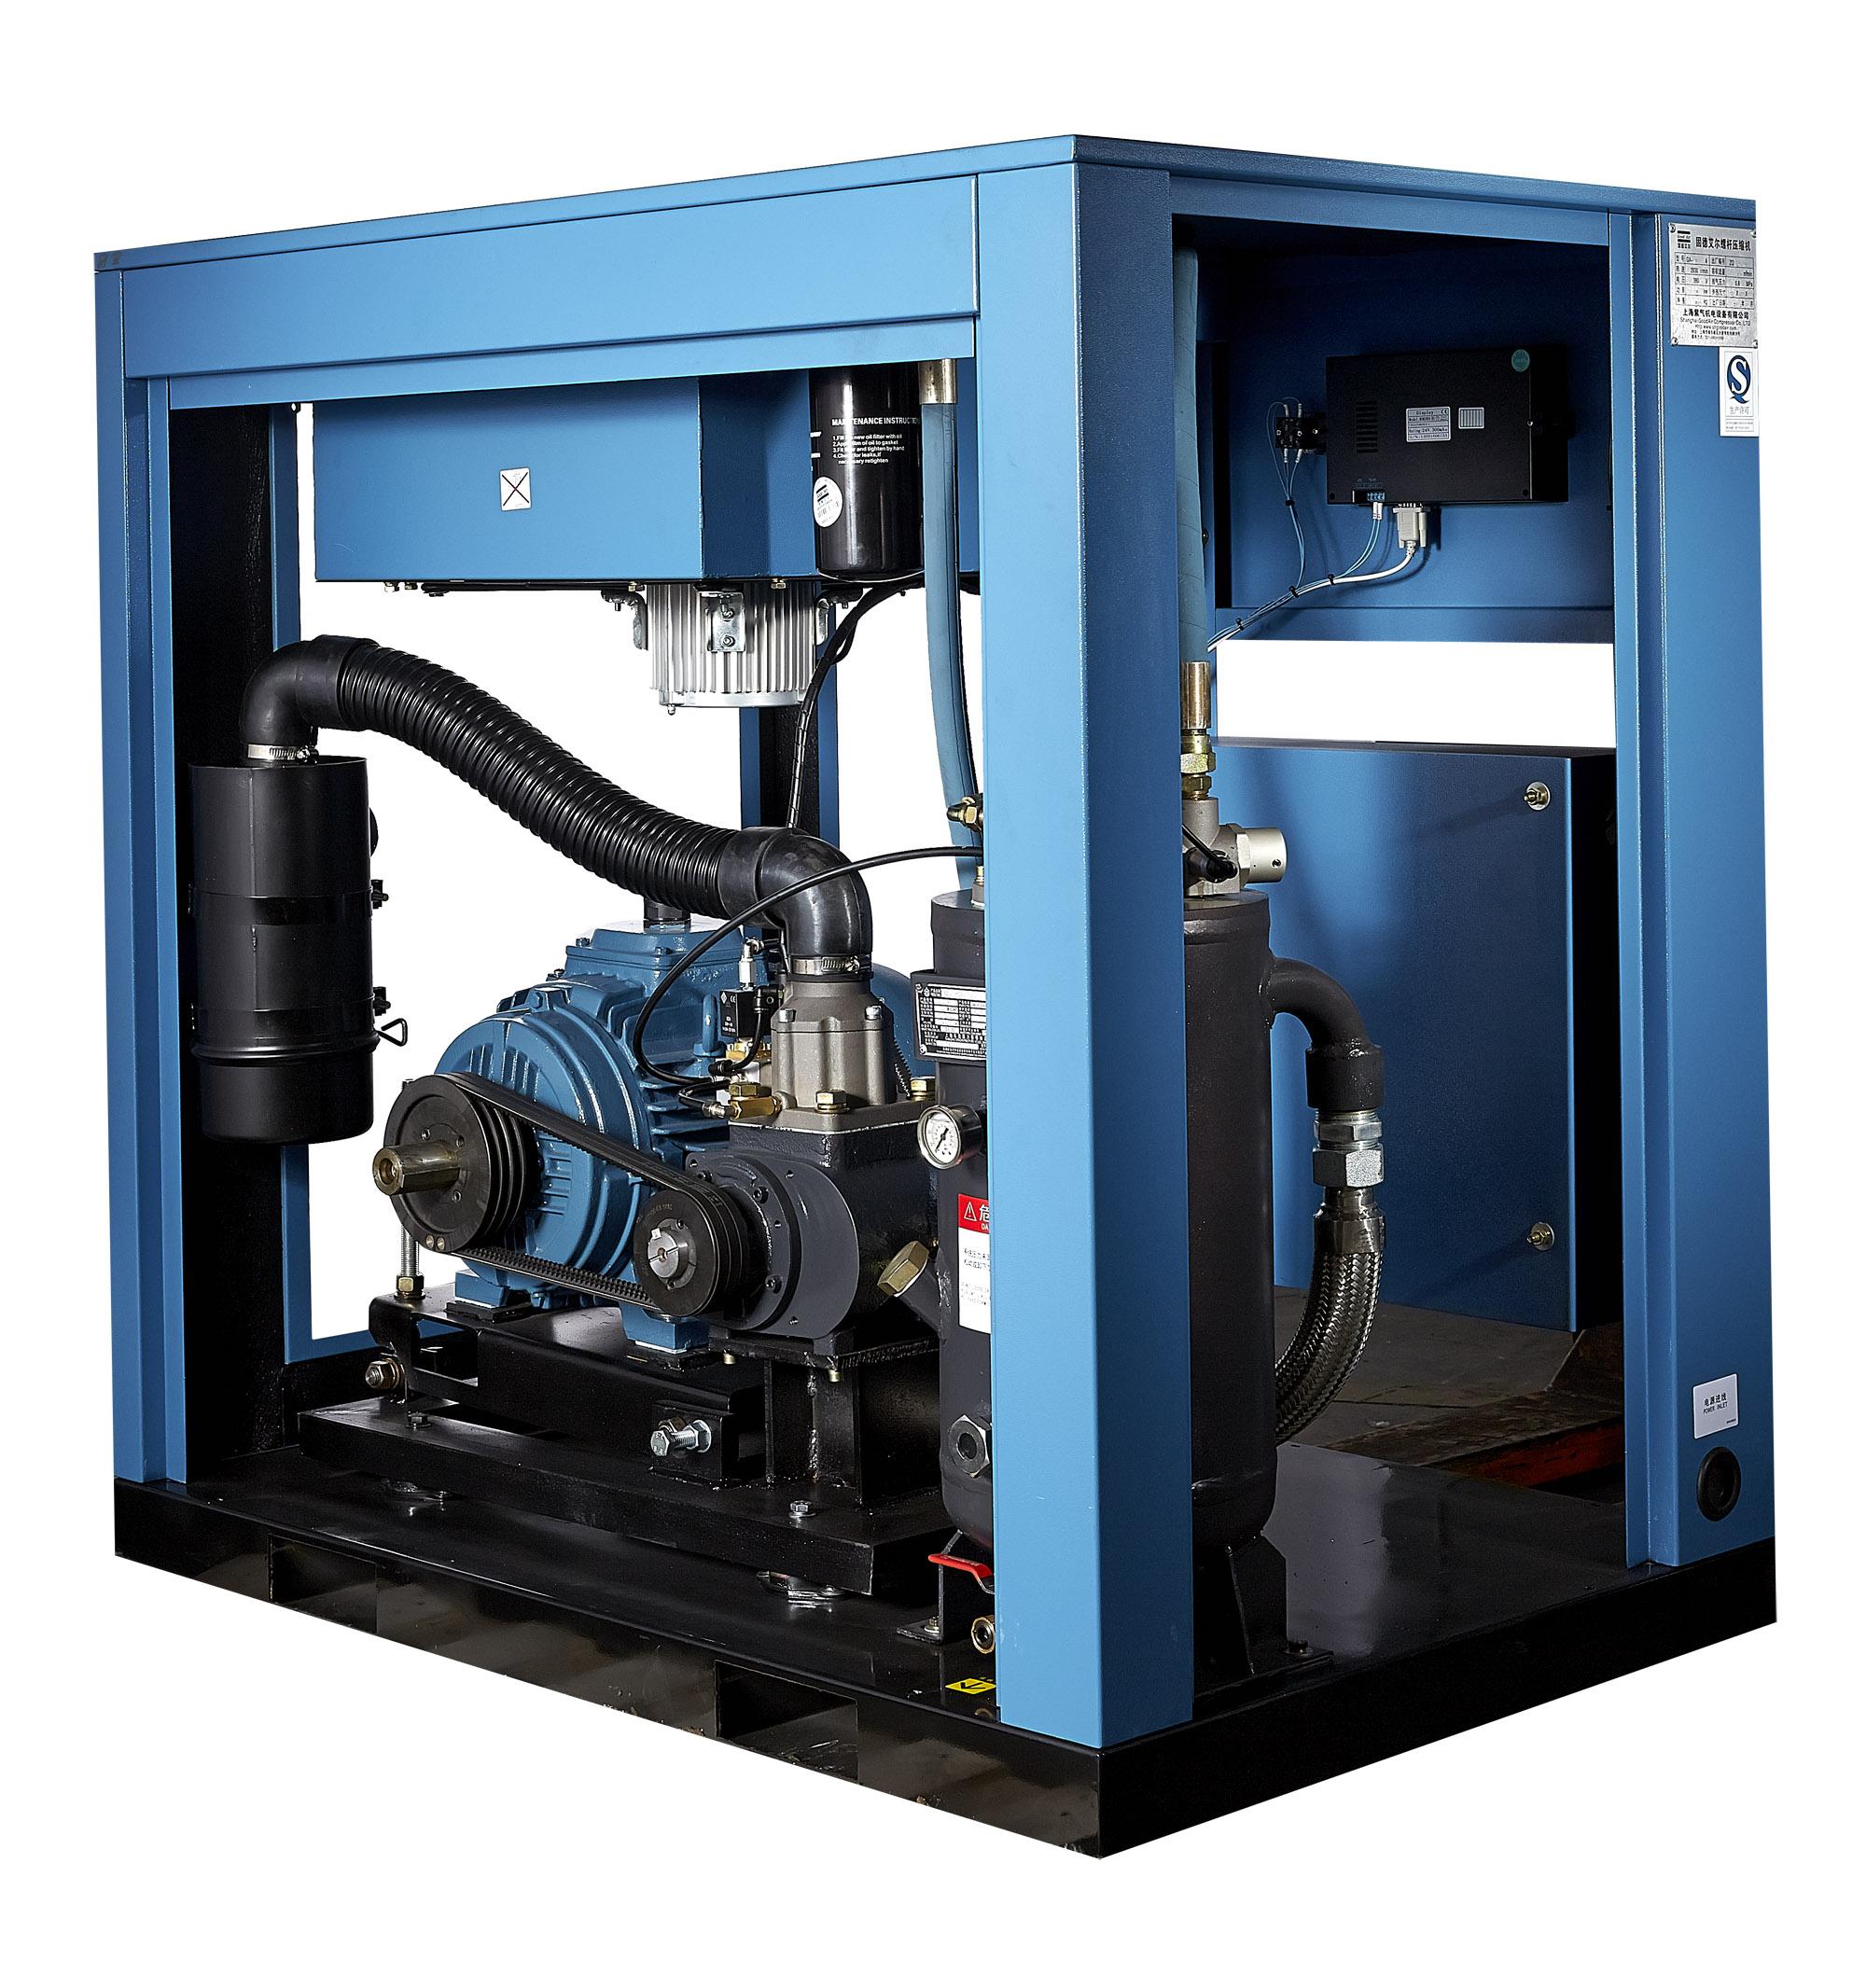 空压机加卸载供气控制方式存在的问题分析